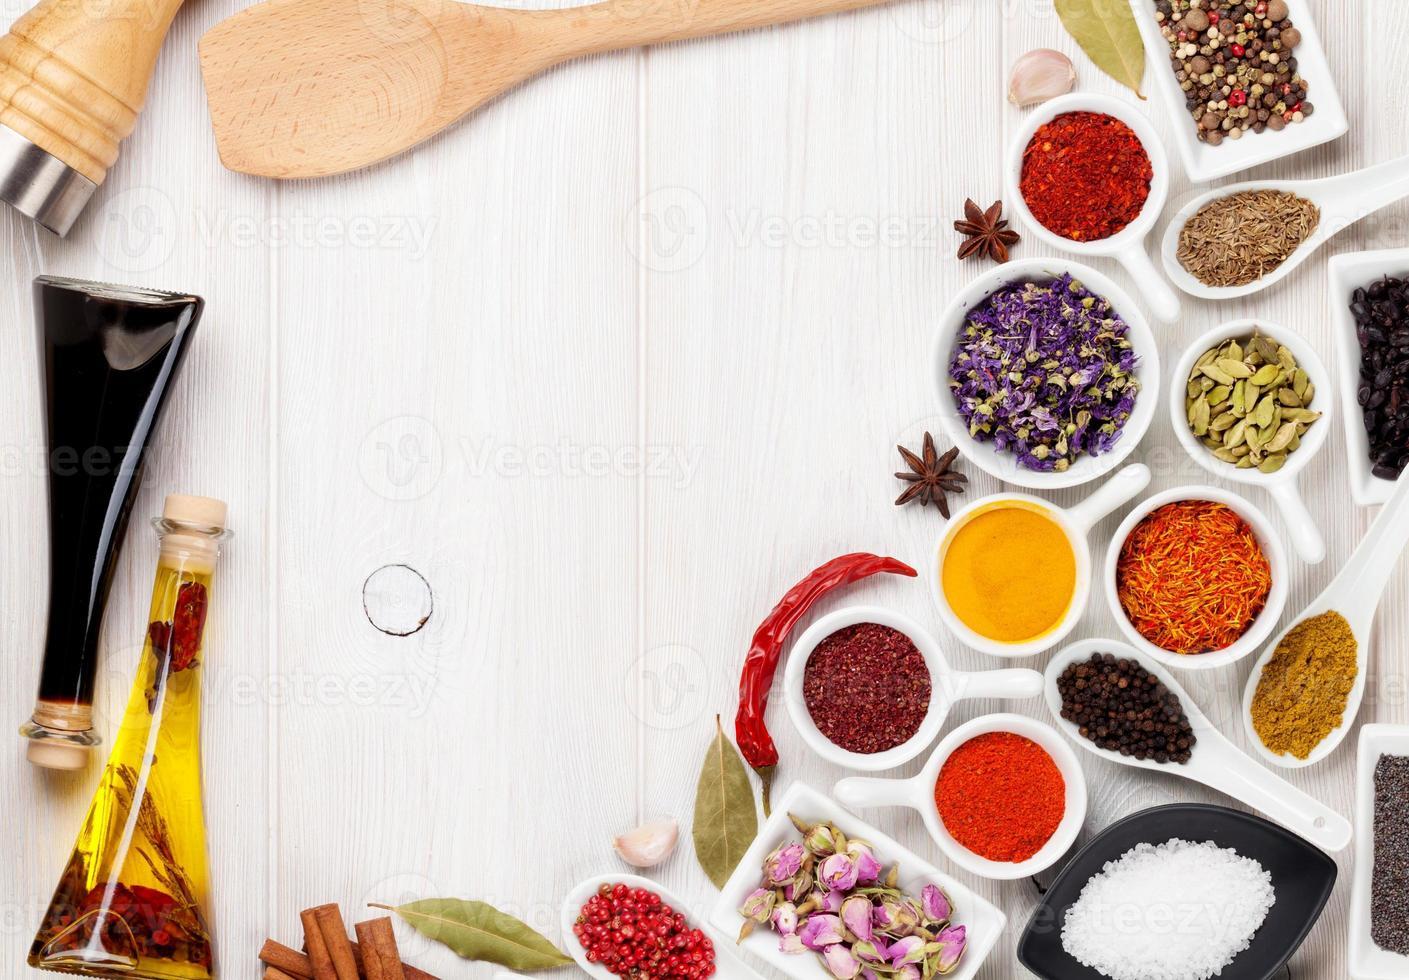 olika kryddor och smaktillsatser på vit träbakgrund foto